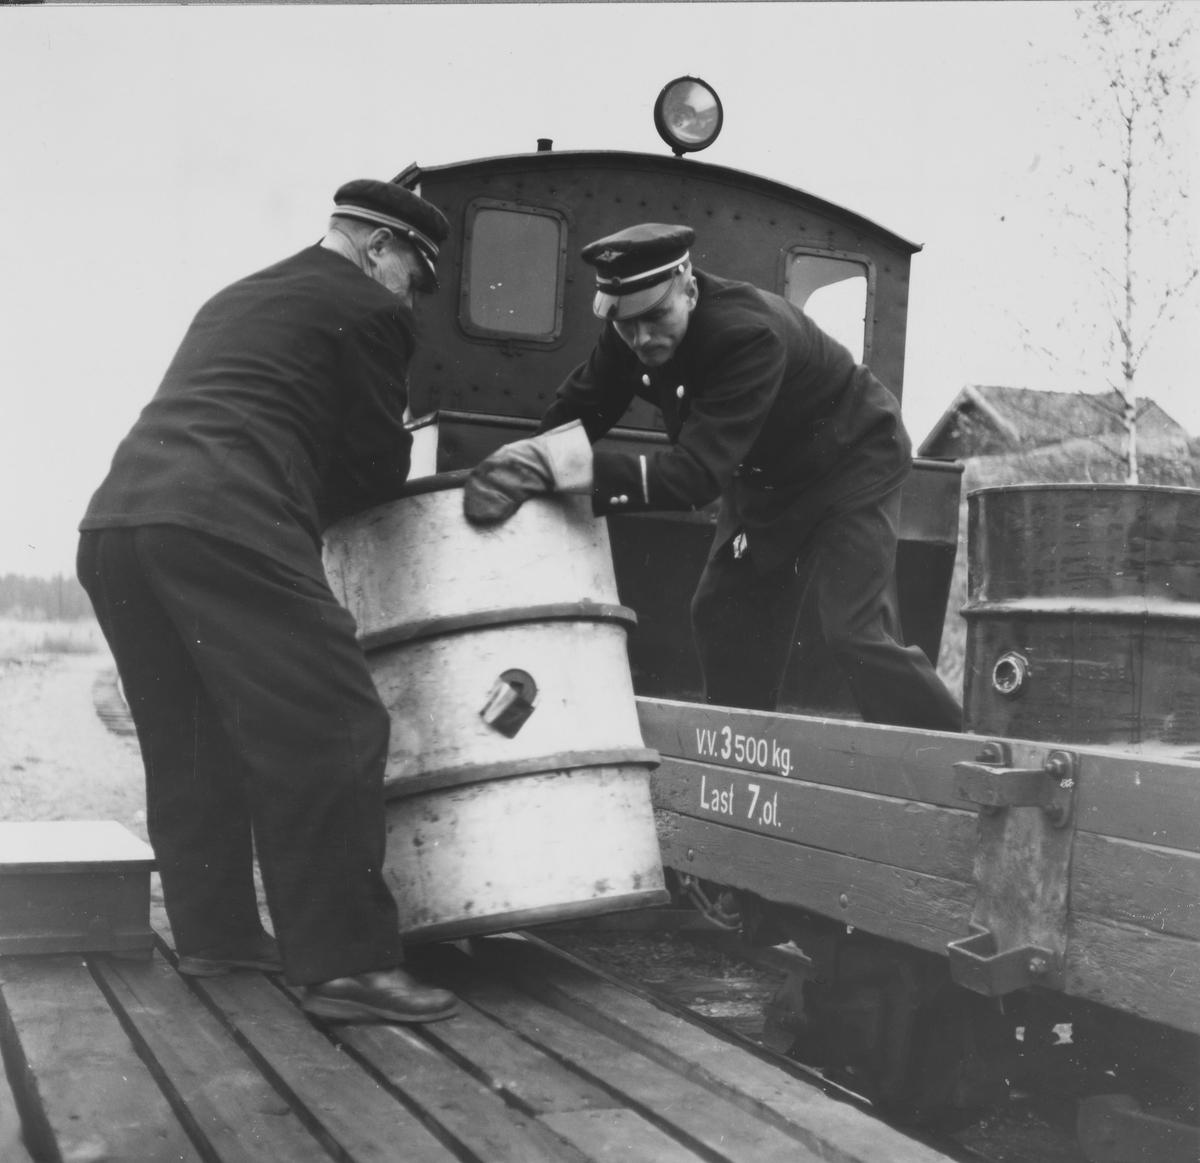 Overkonduktør Rolf Ødegård og konduktør Sigmund Furustad losser et oljefat fra en N-vogn. Tog retning Skulerud